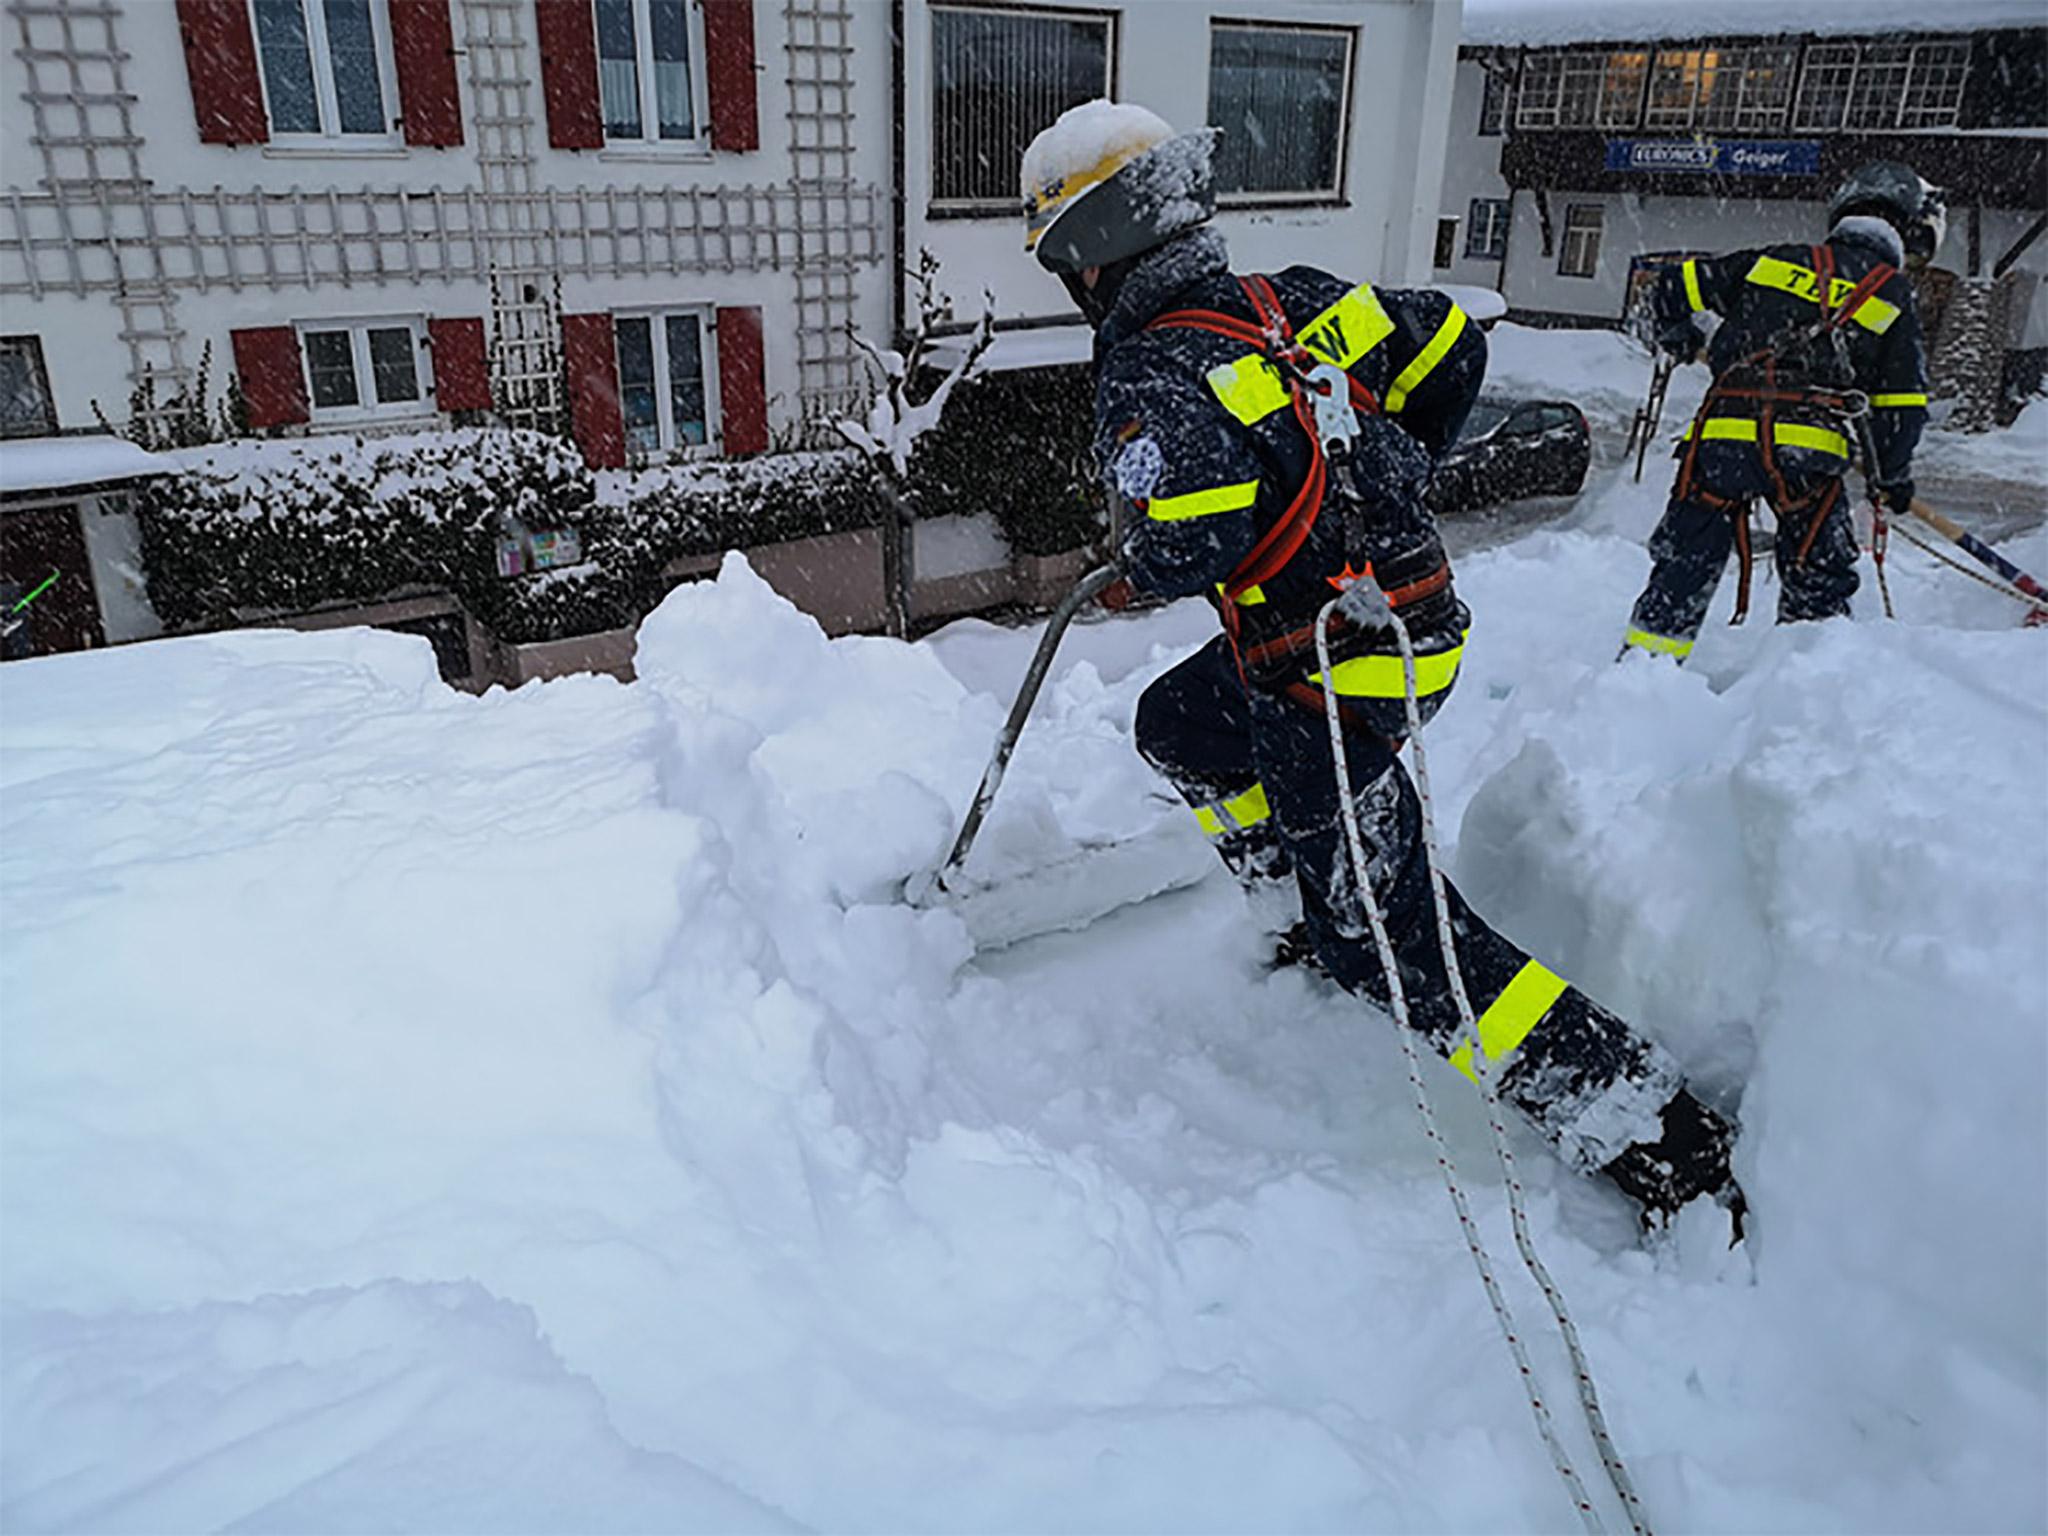 Eine dicke Schneeschicht bedeckte ein Betriebsgebäude im bayrischen Oberstdorf. THW-Kräfte befreiten gestern das Dach vom Schnee. Foto: THW/Johannes Schneider